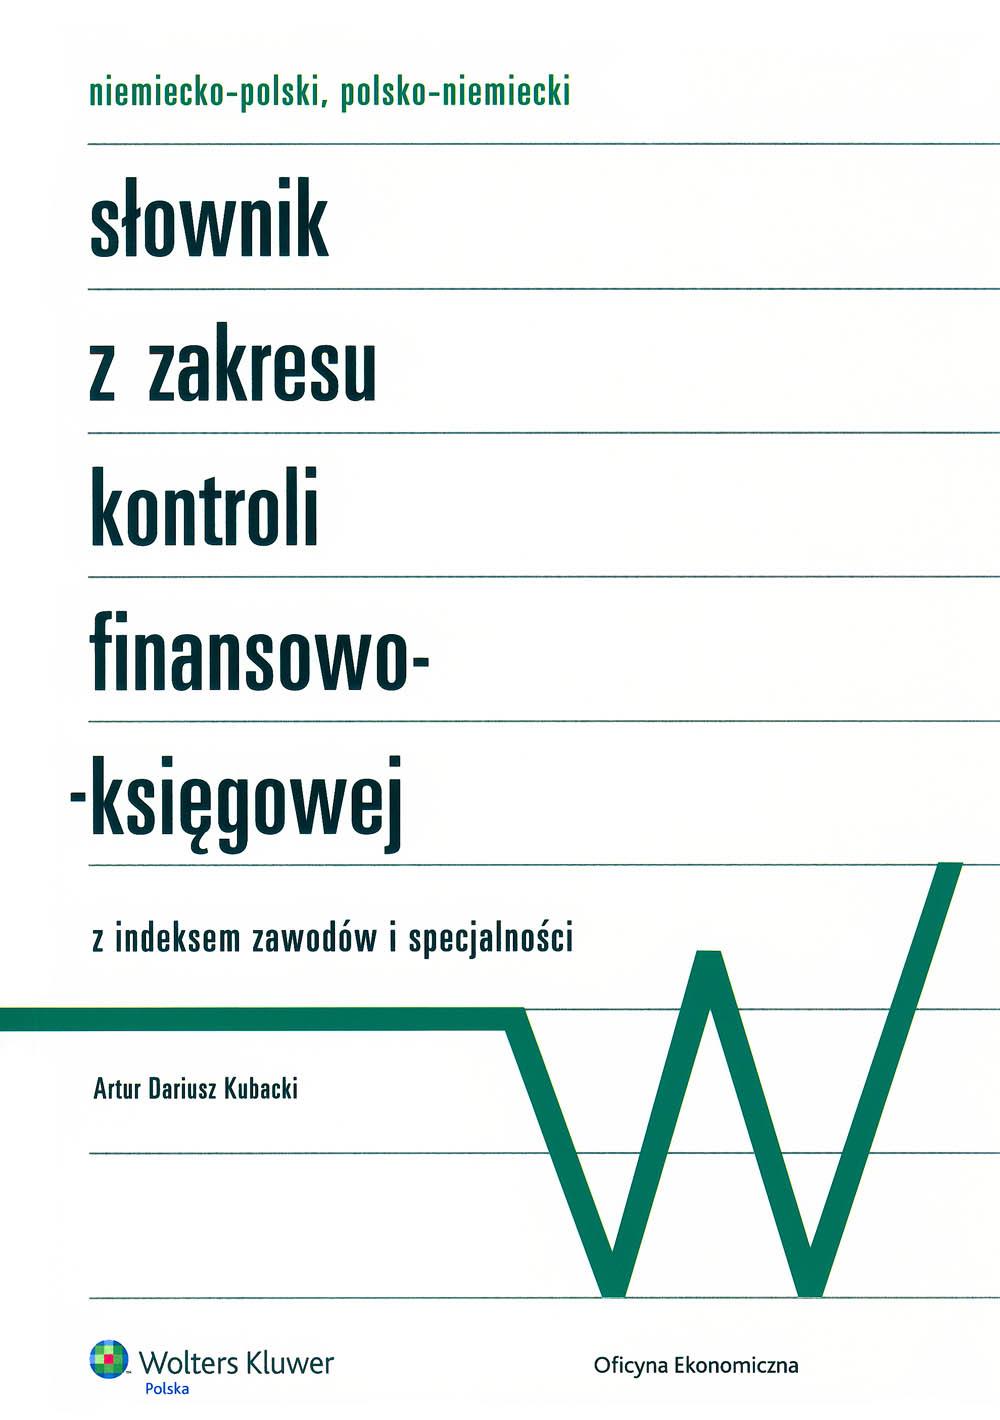 :: Niemiecko-polski, polsko-niemiecki słownik z zakresu kontroli finansowo-księgowej z indeksem zawodów i specjalności  - e-book ::